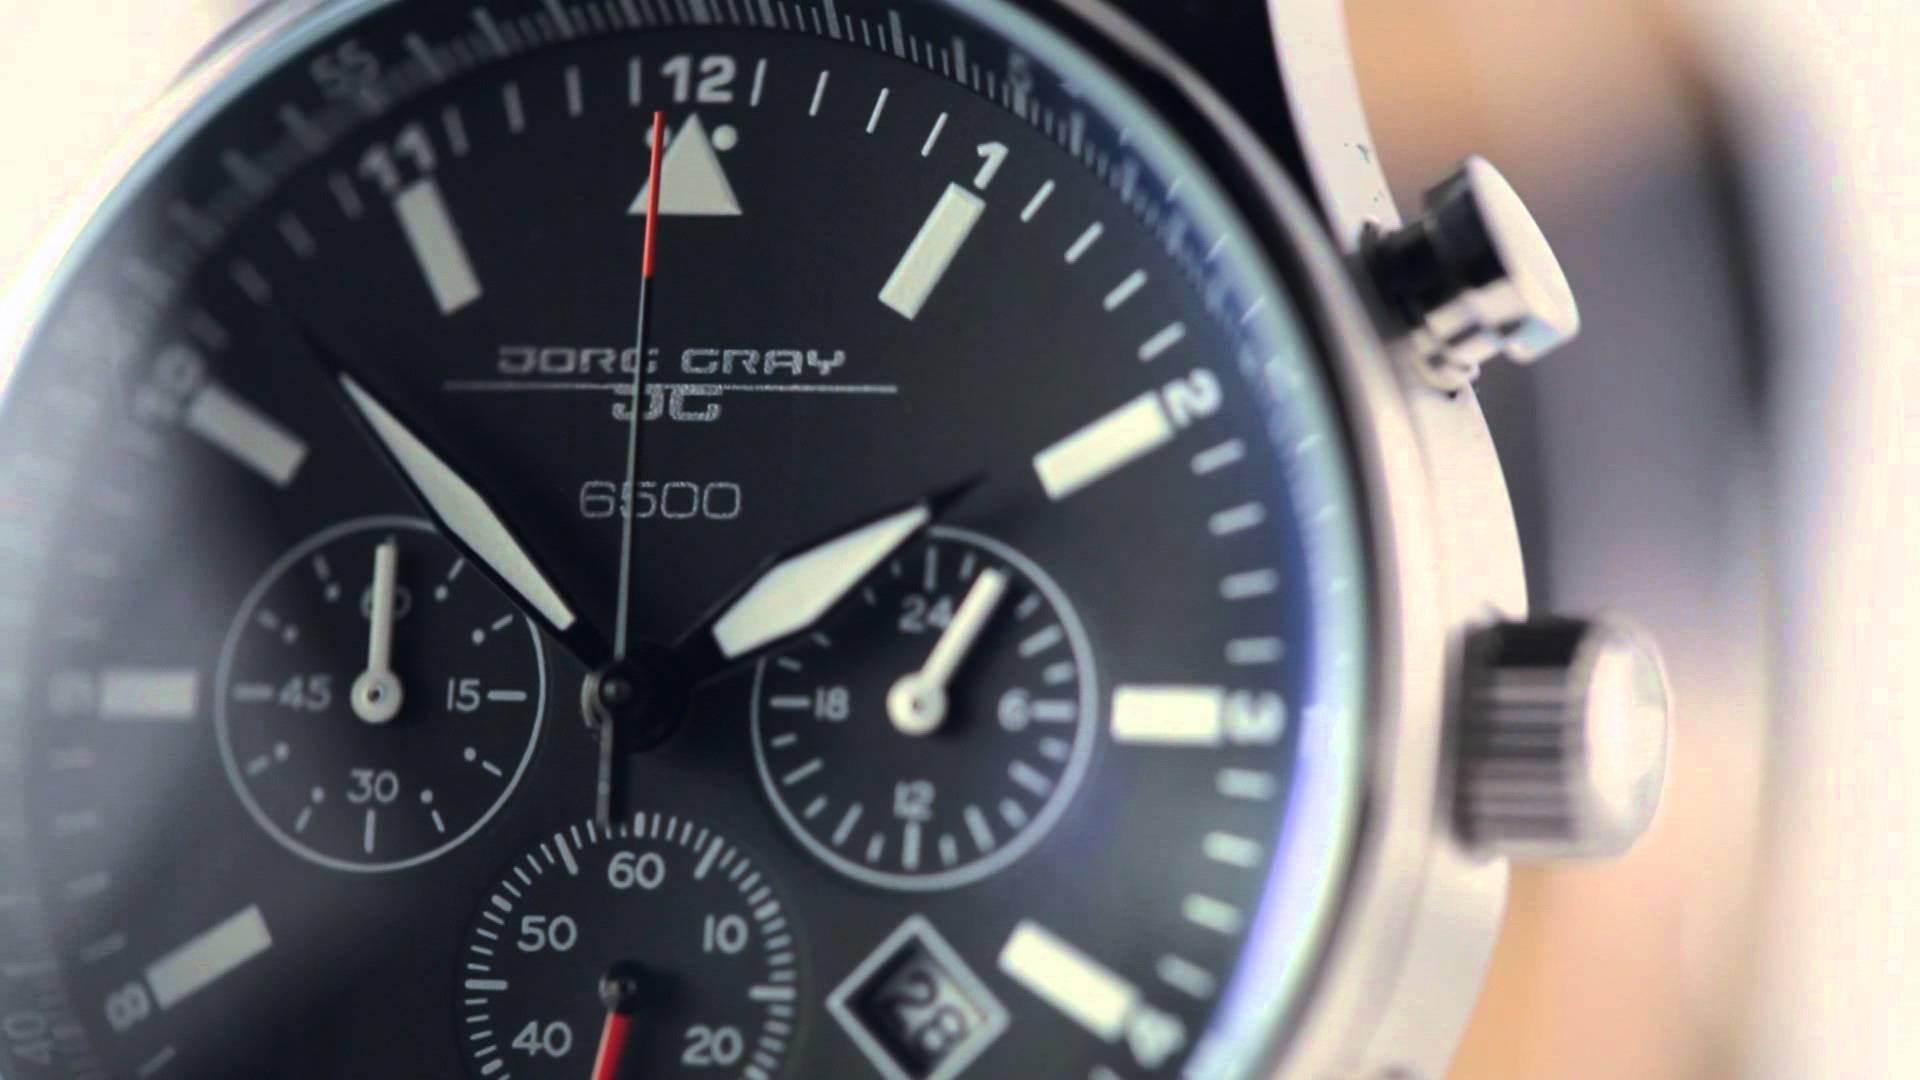 Jorg-gray-jg6500-watch-review